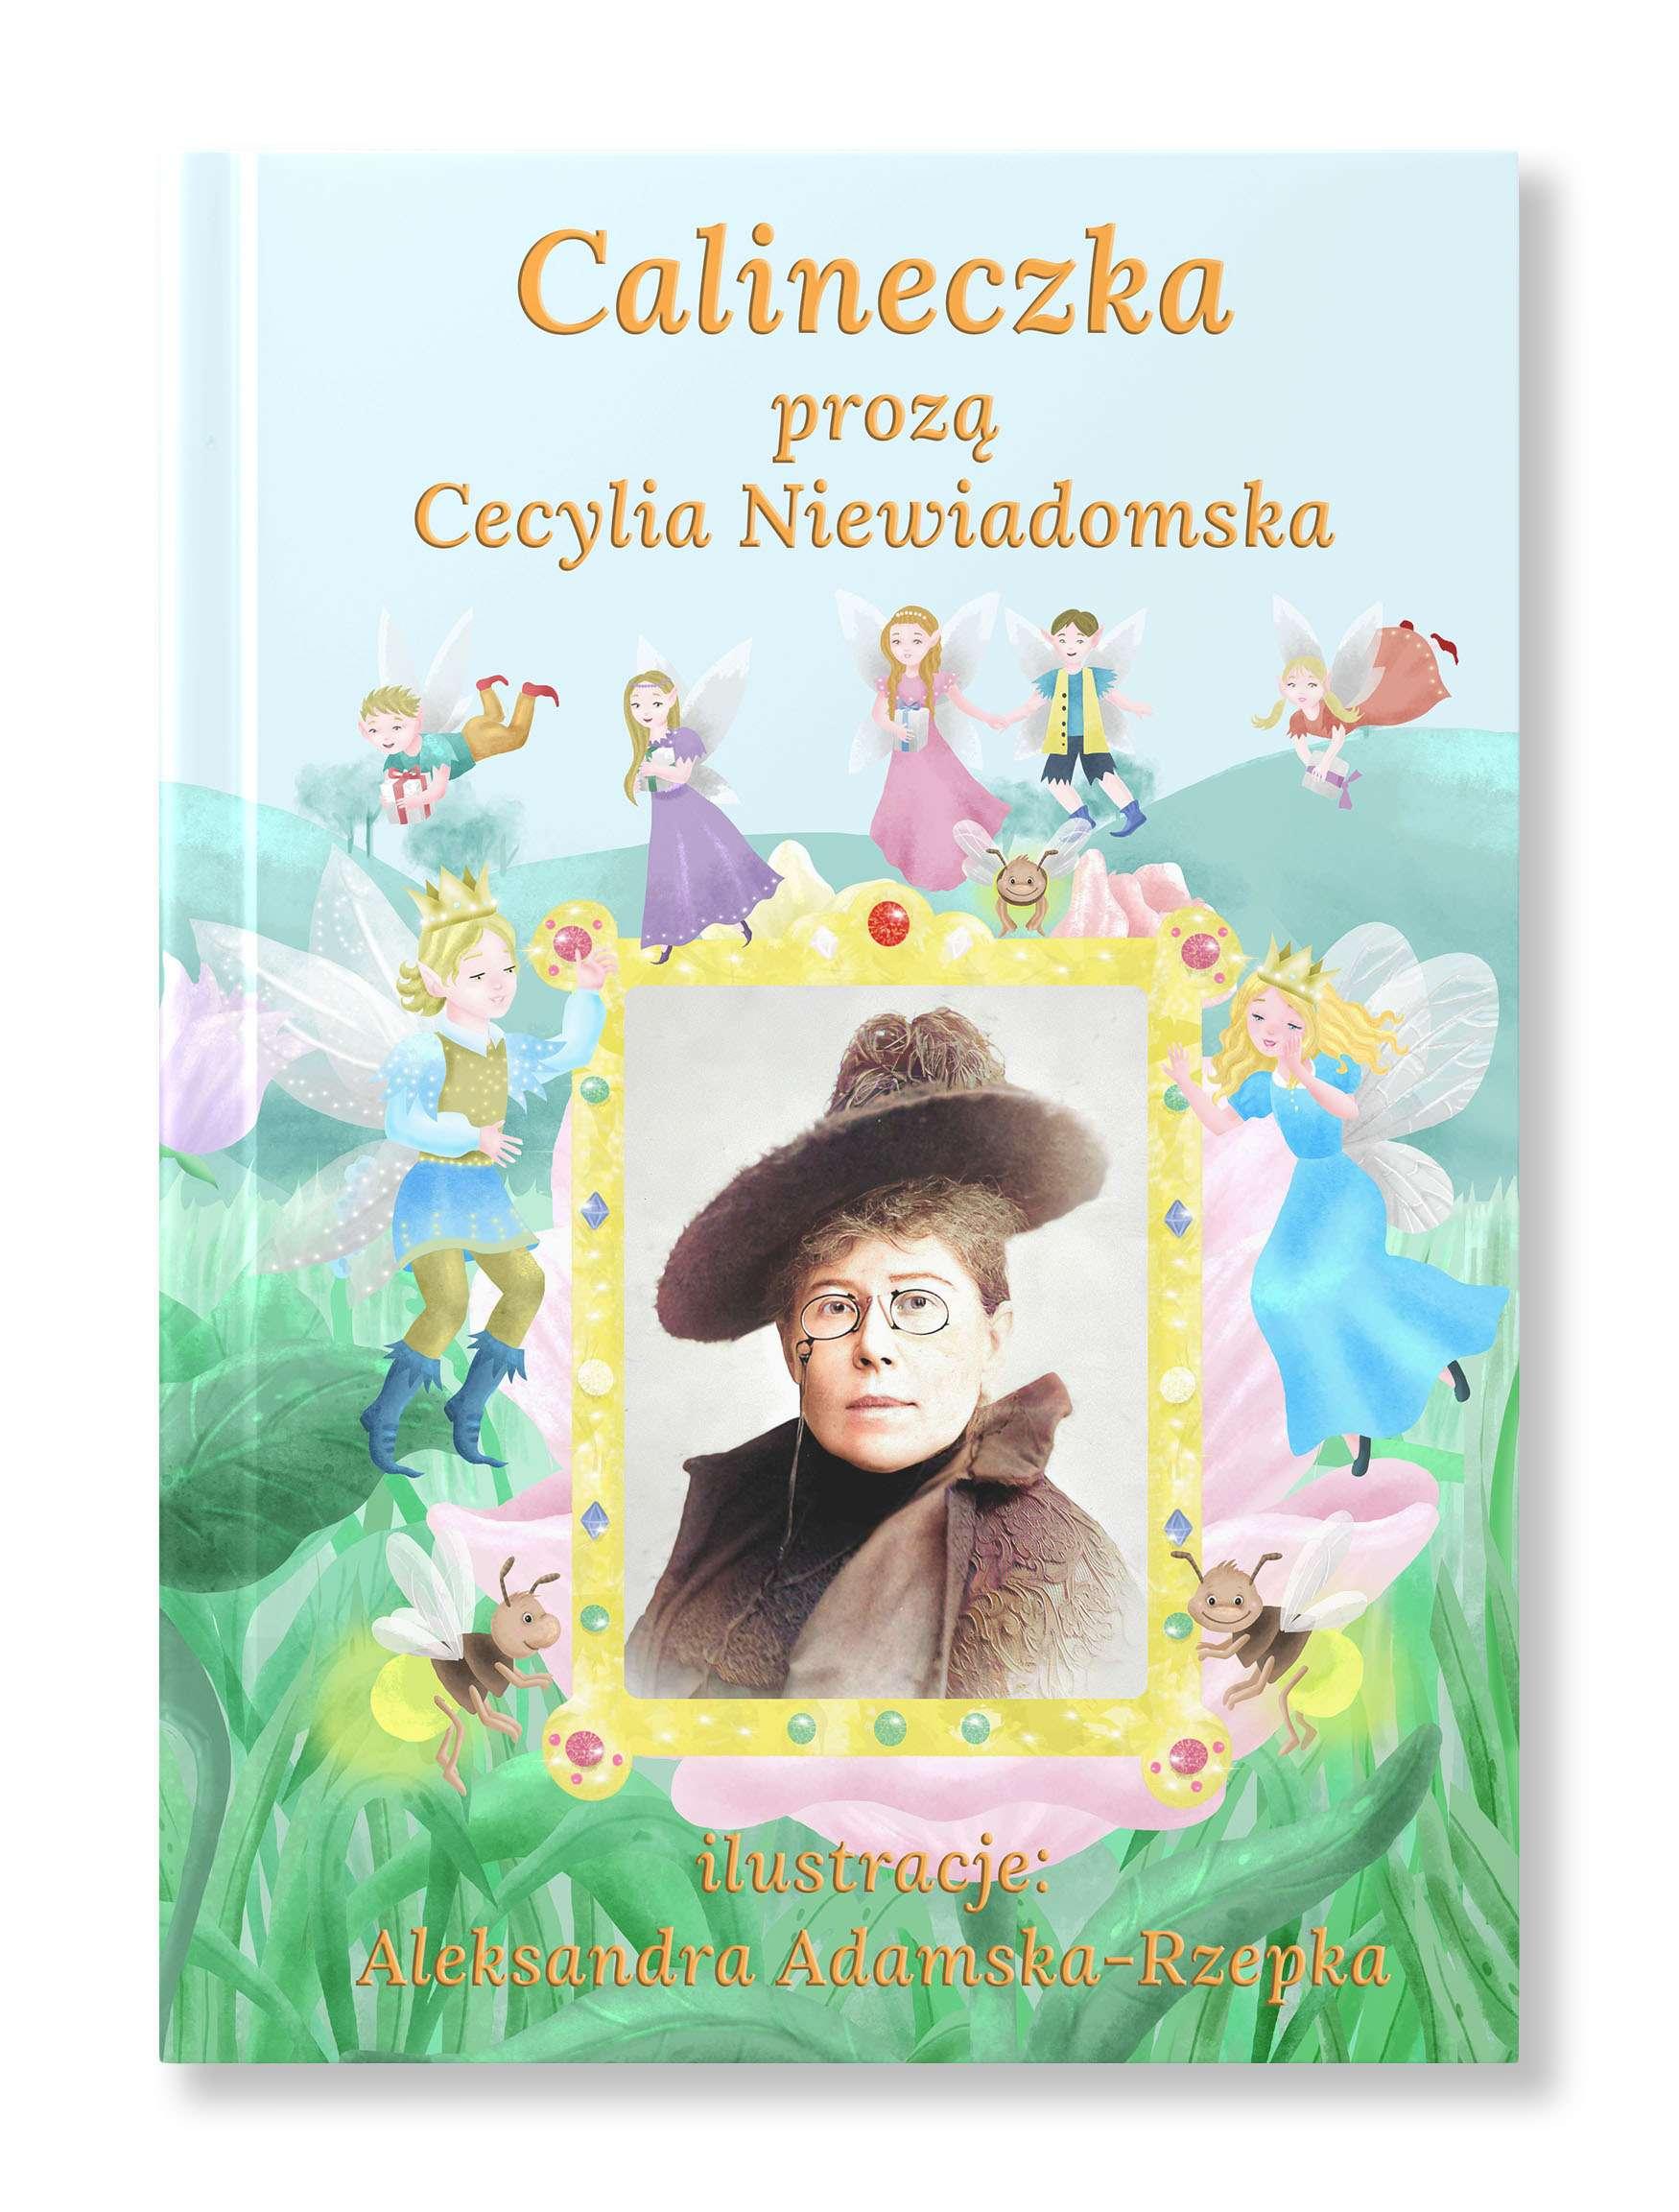 calineczka-proza-z-foto (1)